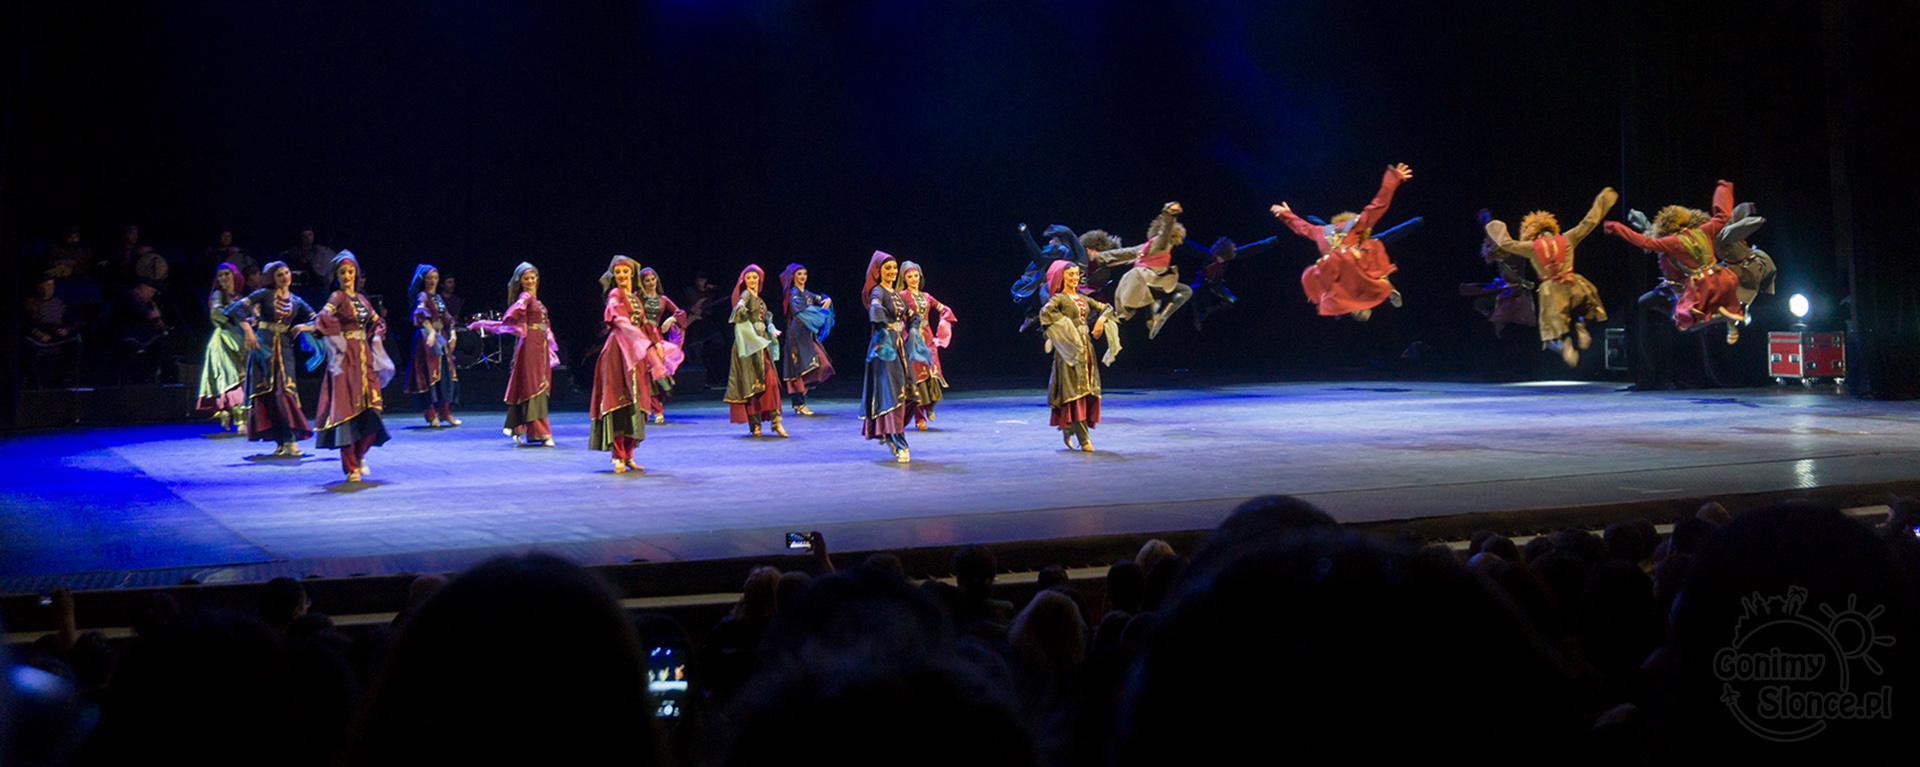 Narodowy Balet Gruzji Sukhishvili 11 blog kulturalny